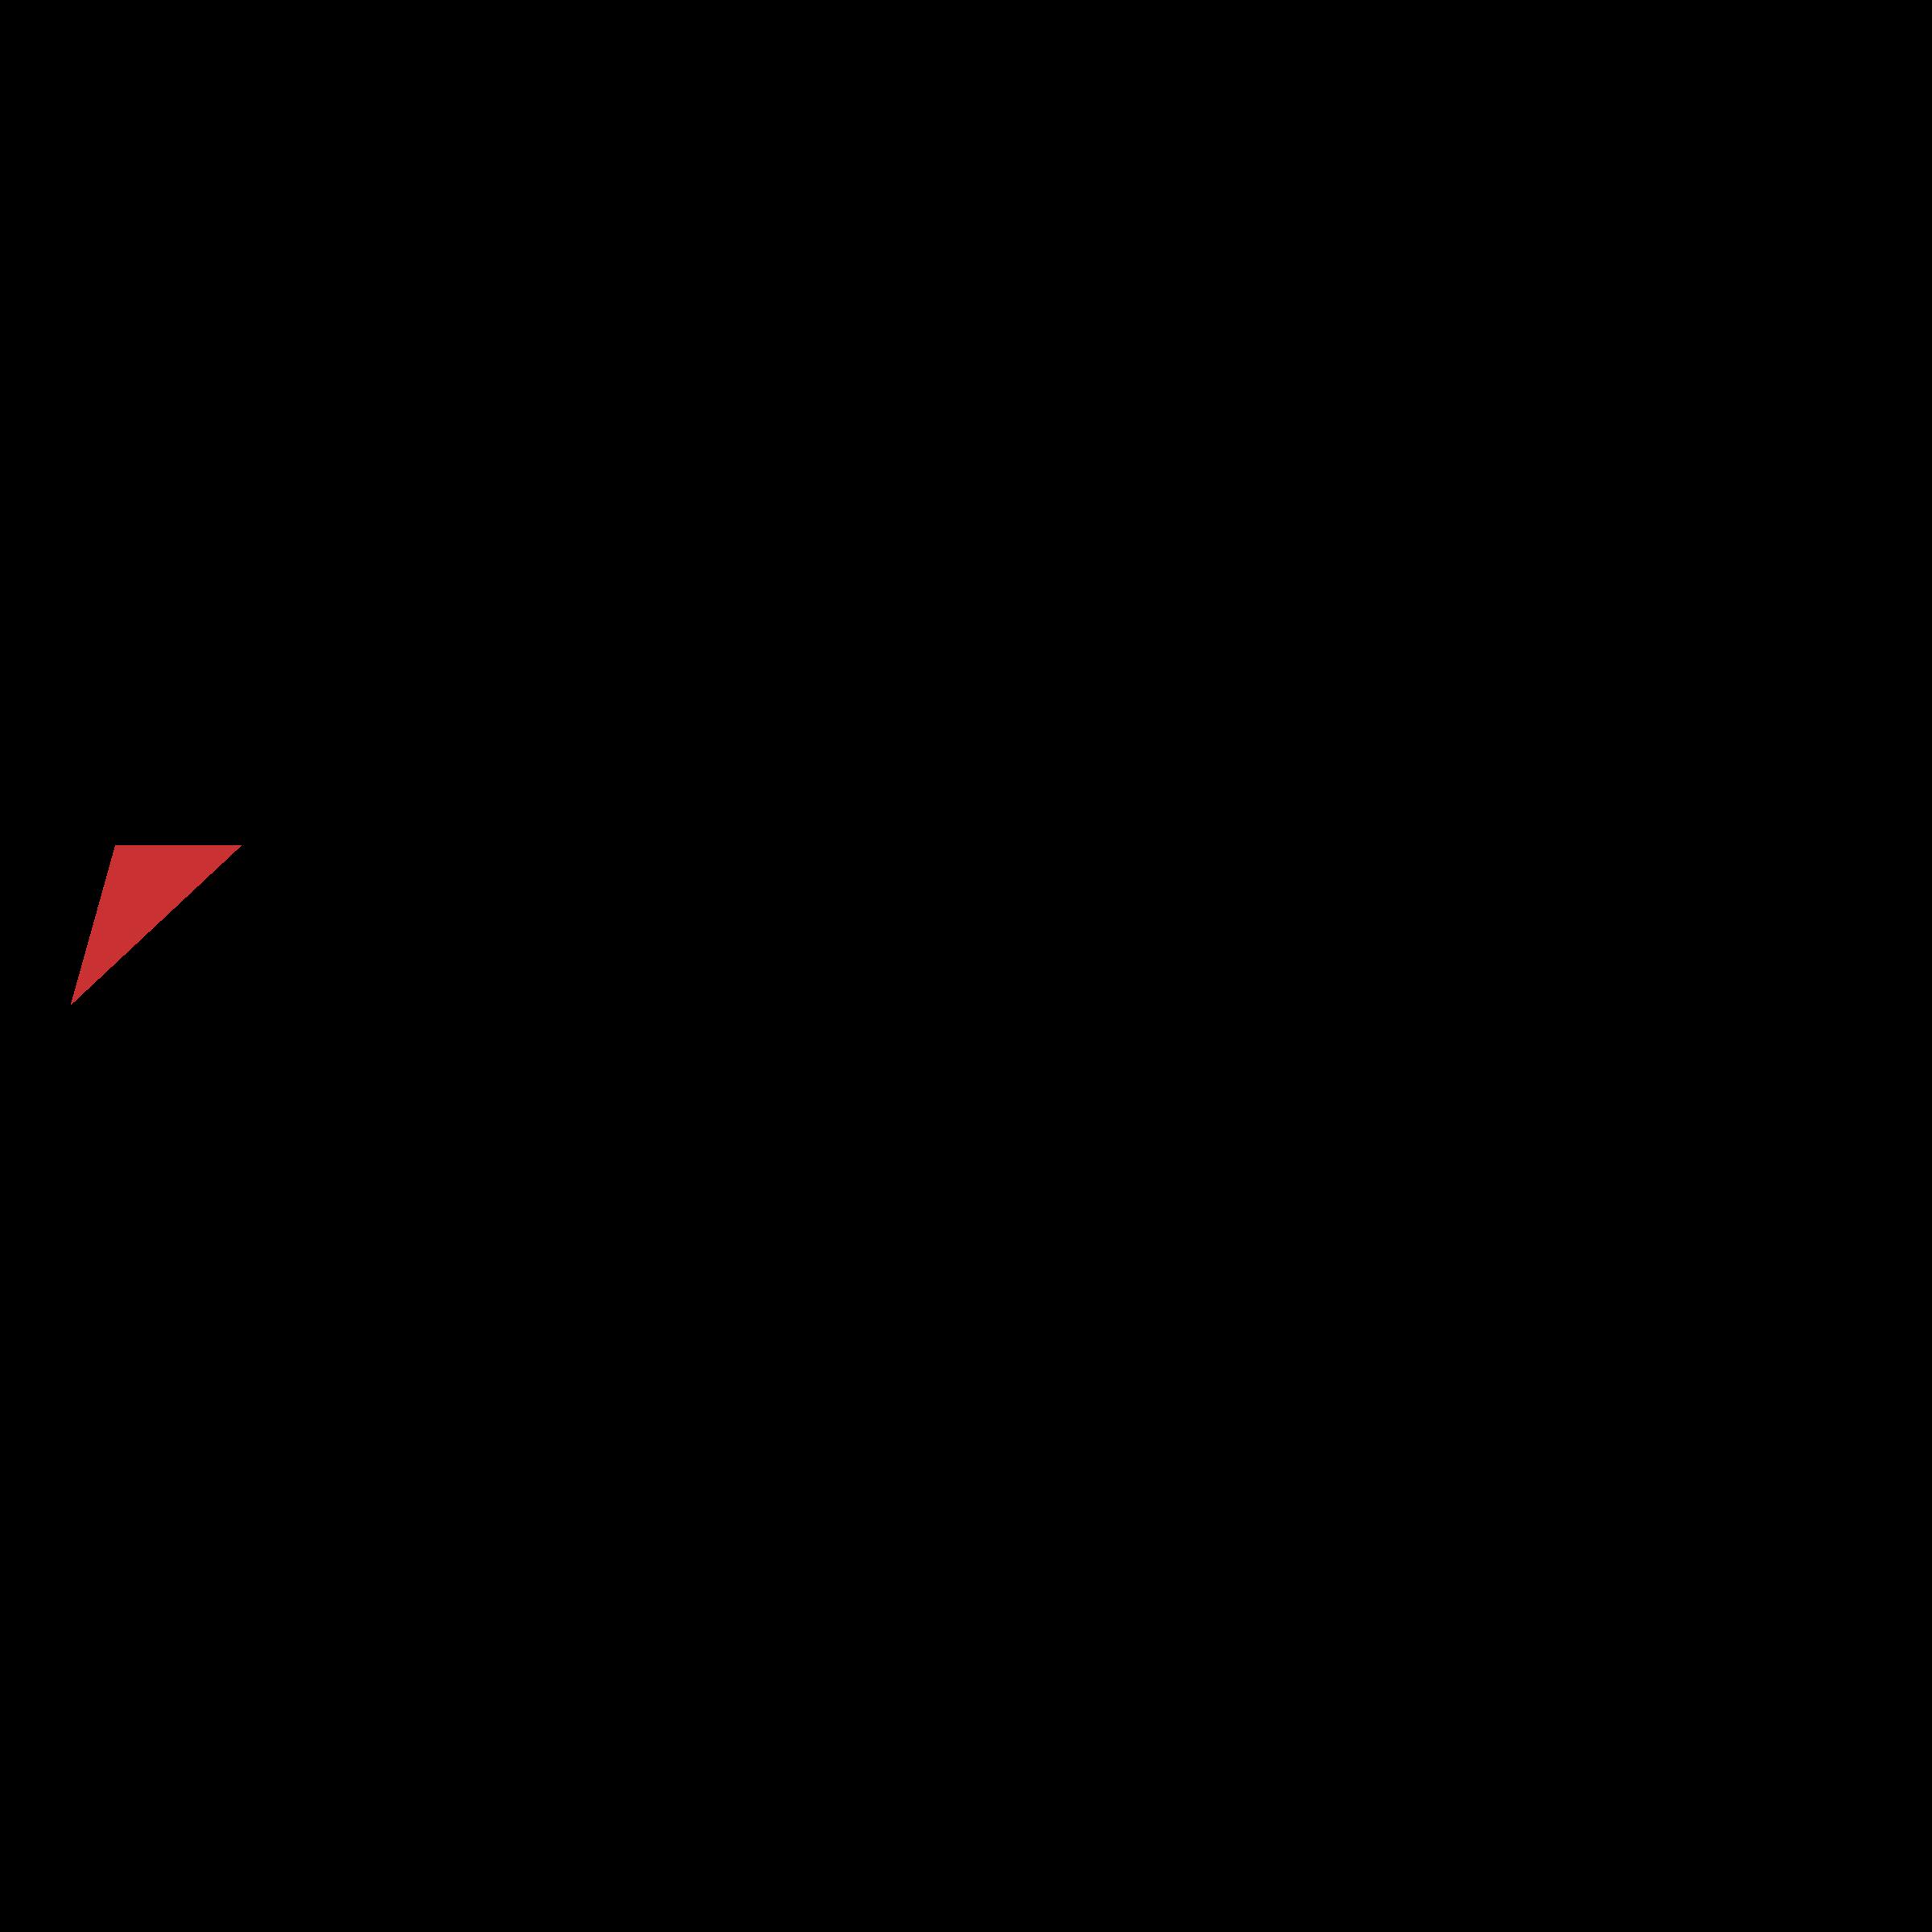 Bridgestone 01 Logo PNG Transparent & SVG Vector.